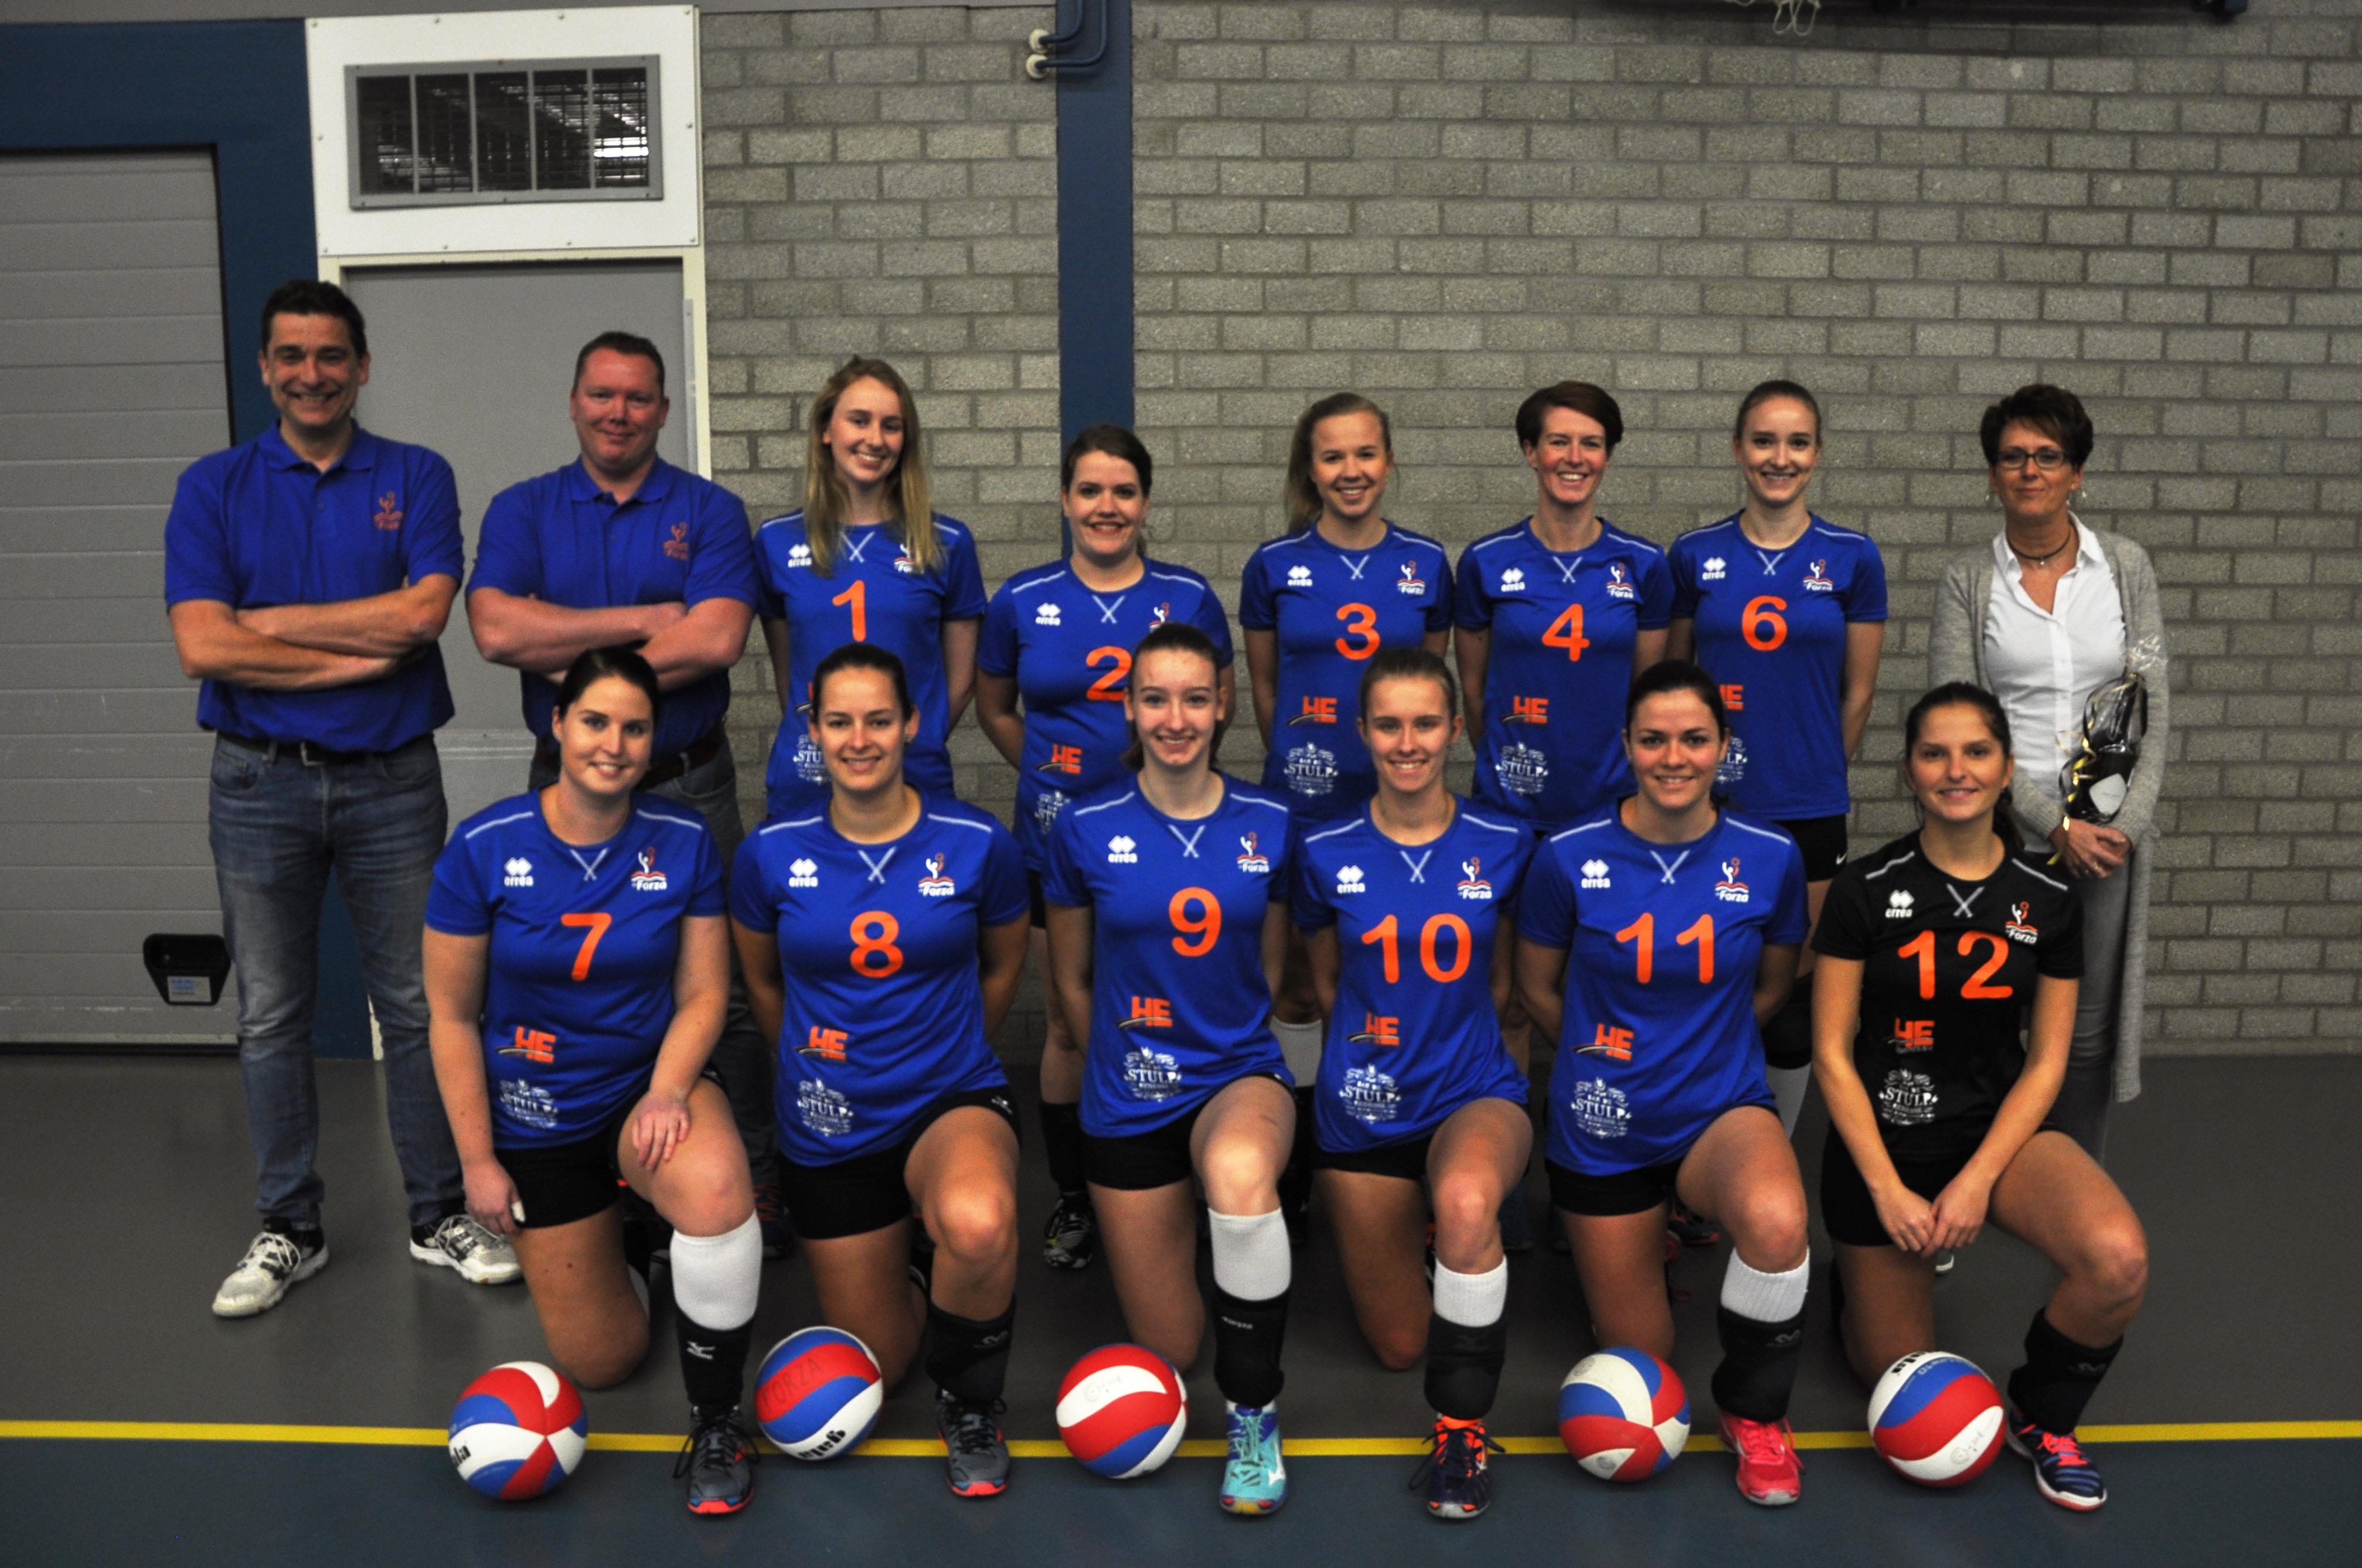 teamfoto forza dames 1 met sponsor he logistics 2019